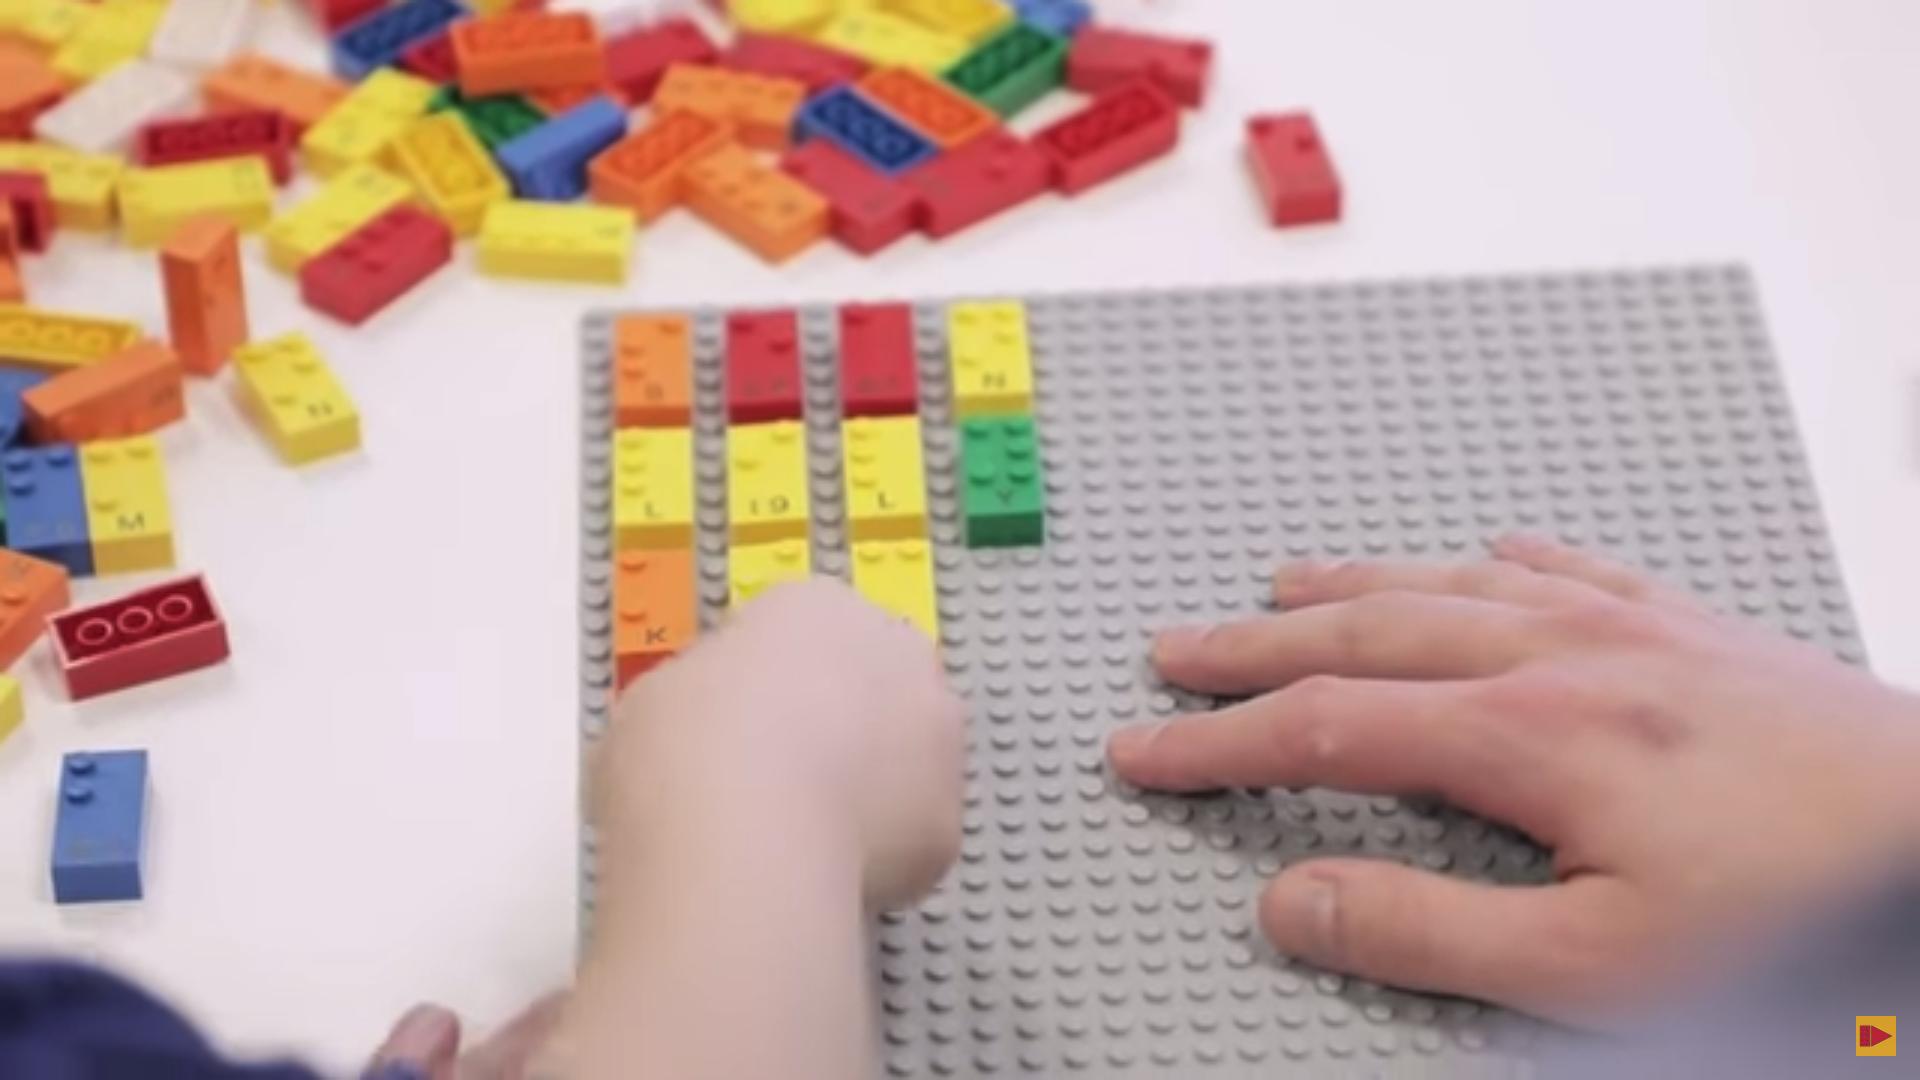 briques-lego-braille-enfants